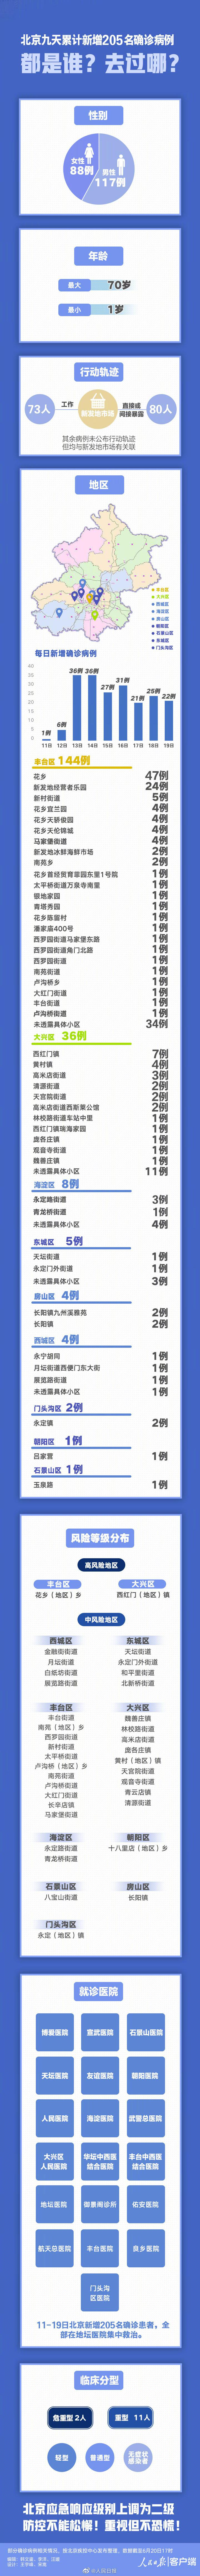 向前扩散!北京22天内有331个新病例出现在哪里